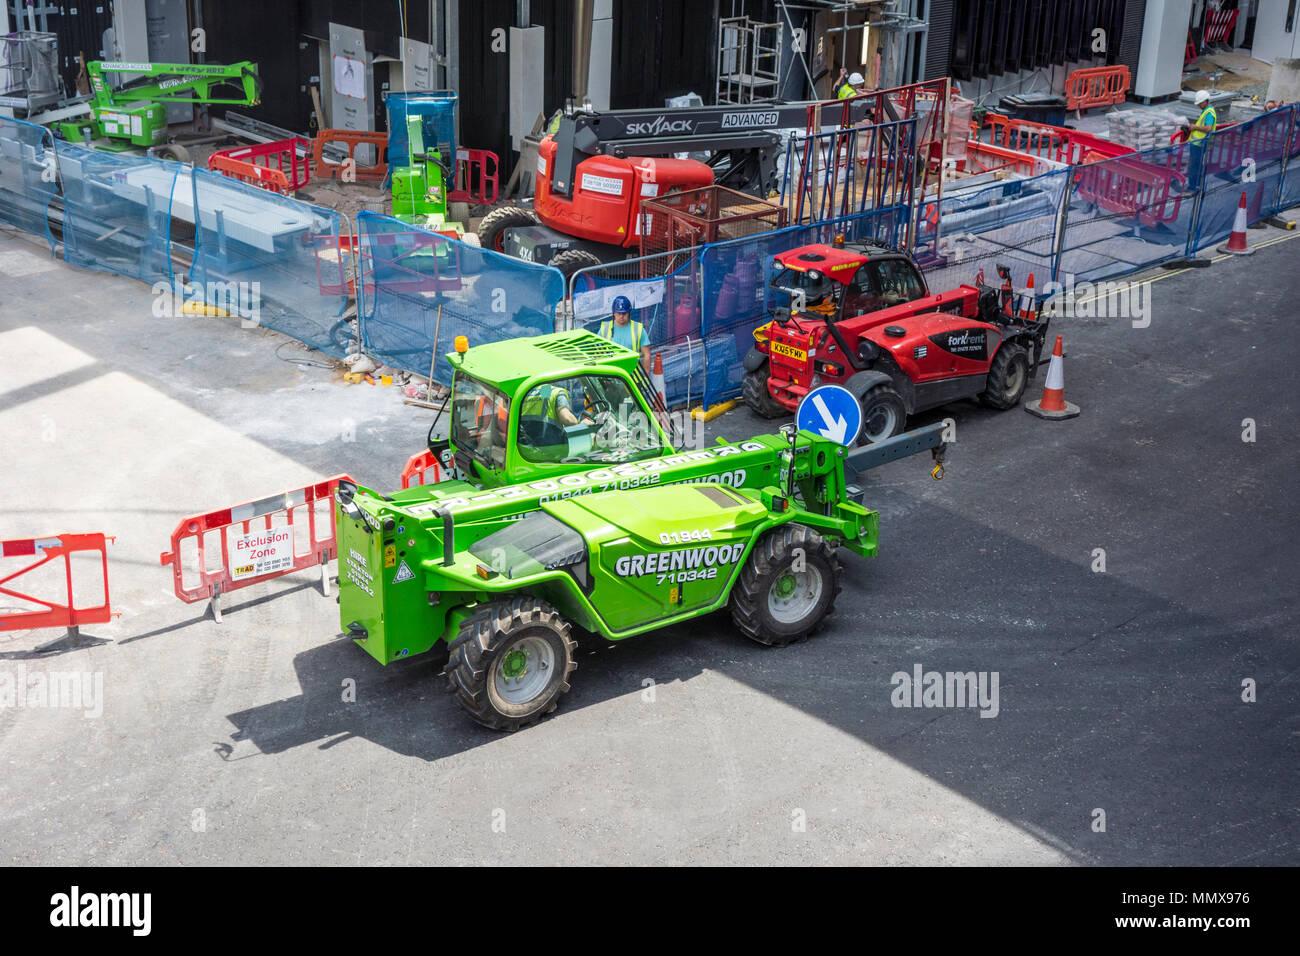 Véhicules de chantier et de grues sur un chantier à Londres, Royaume-Uni Photo Stock